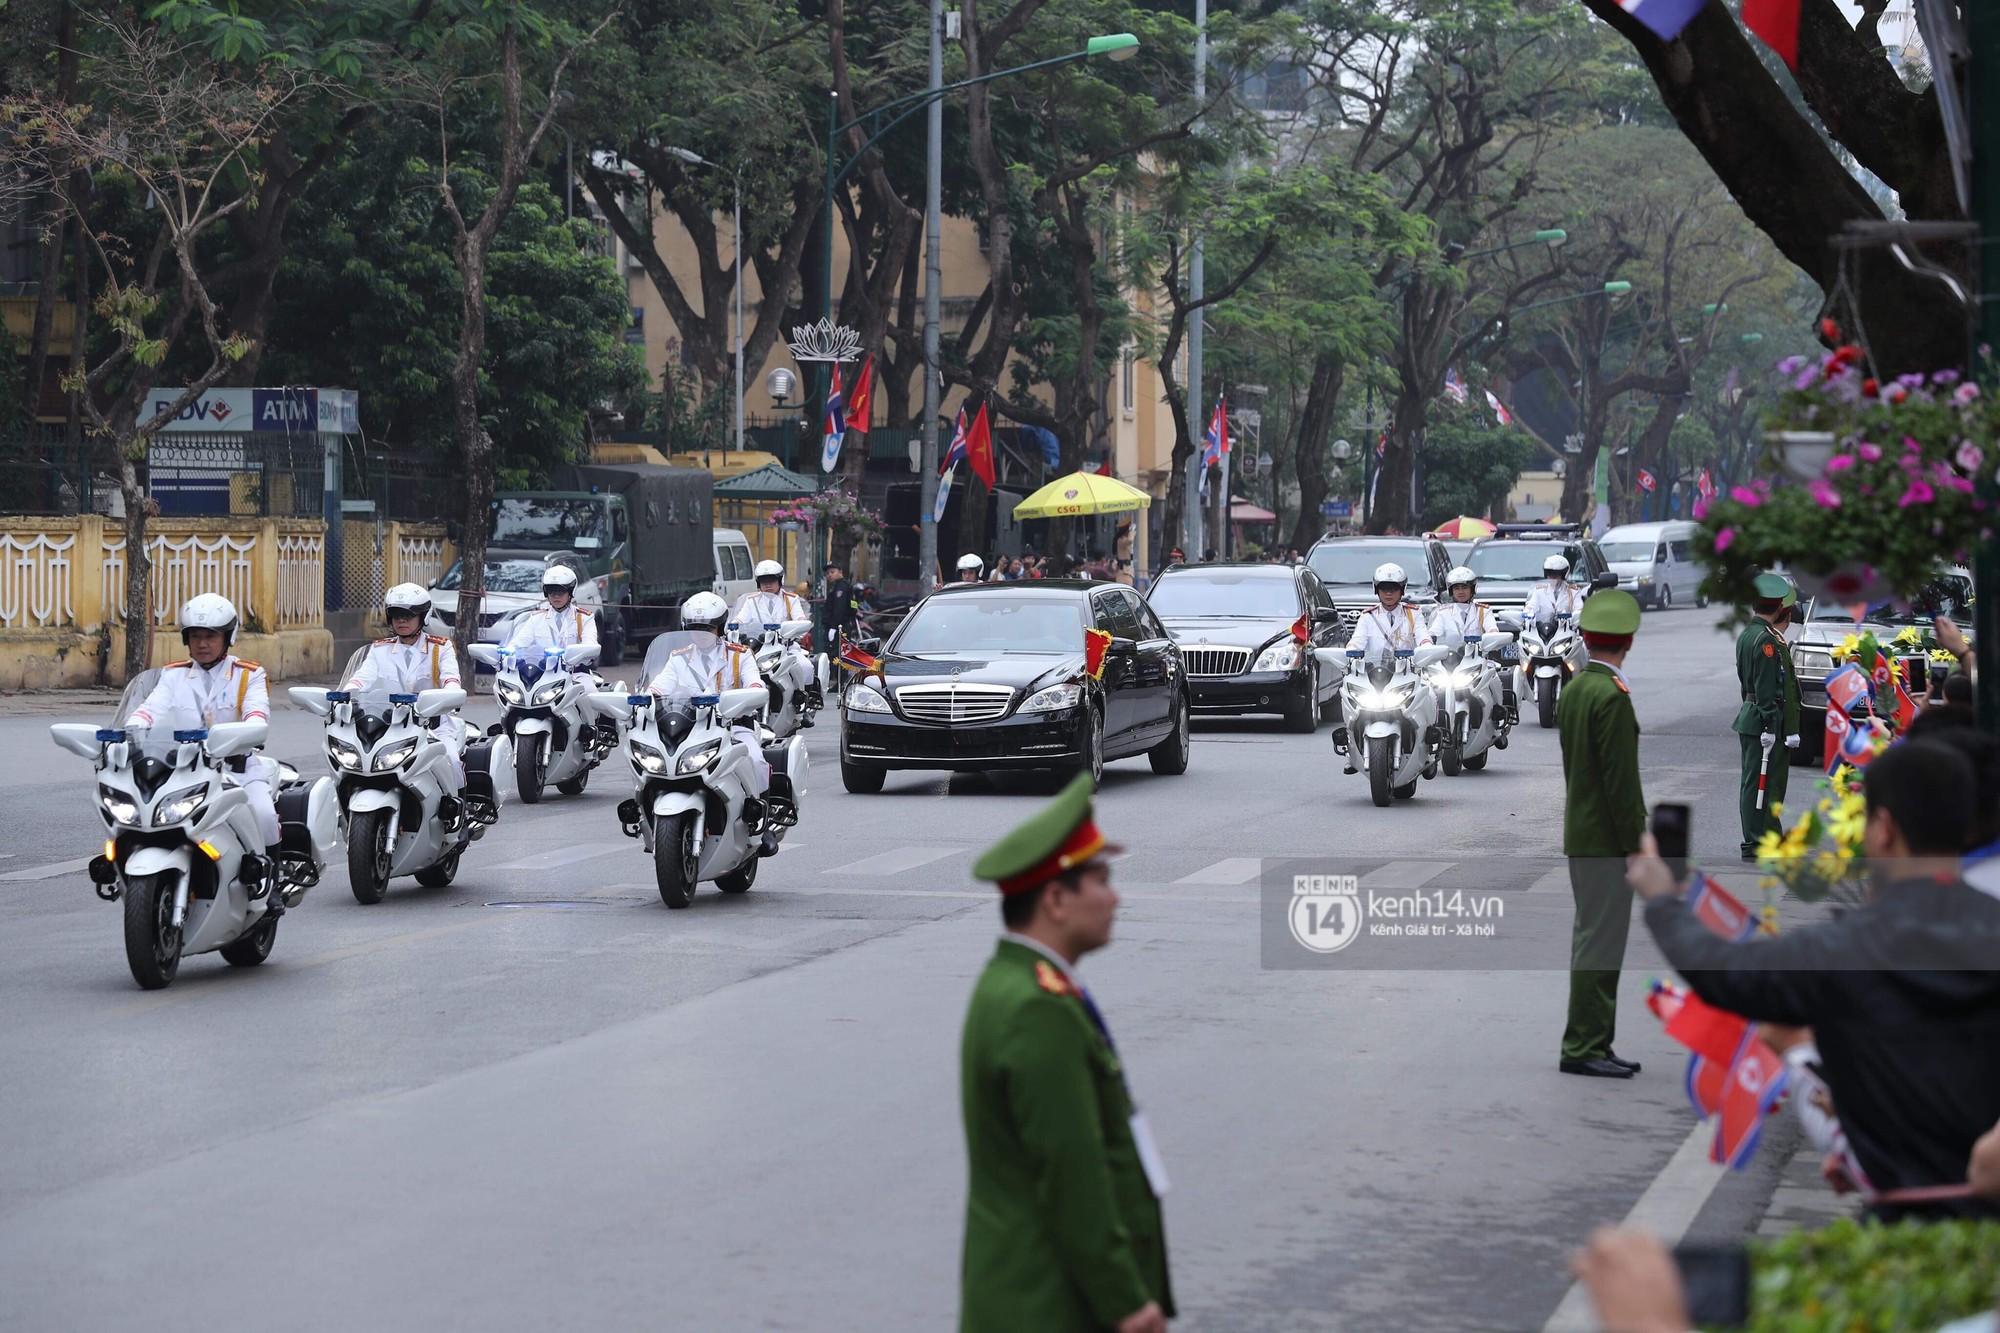 Chủ tịch Kim Jong-un vẫy tay chào người dân, đang trên đường viếng đài liệt sĩ và lăng Chủ tịch Hồ Chí Minh - Ảnh 1.